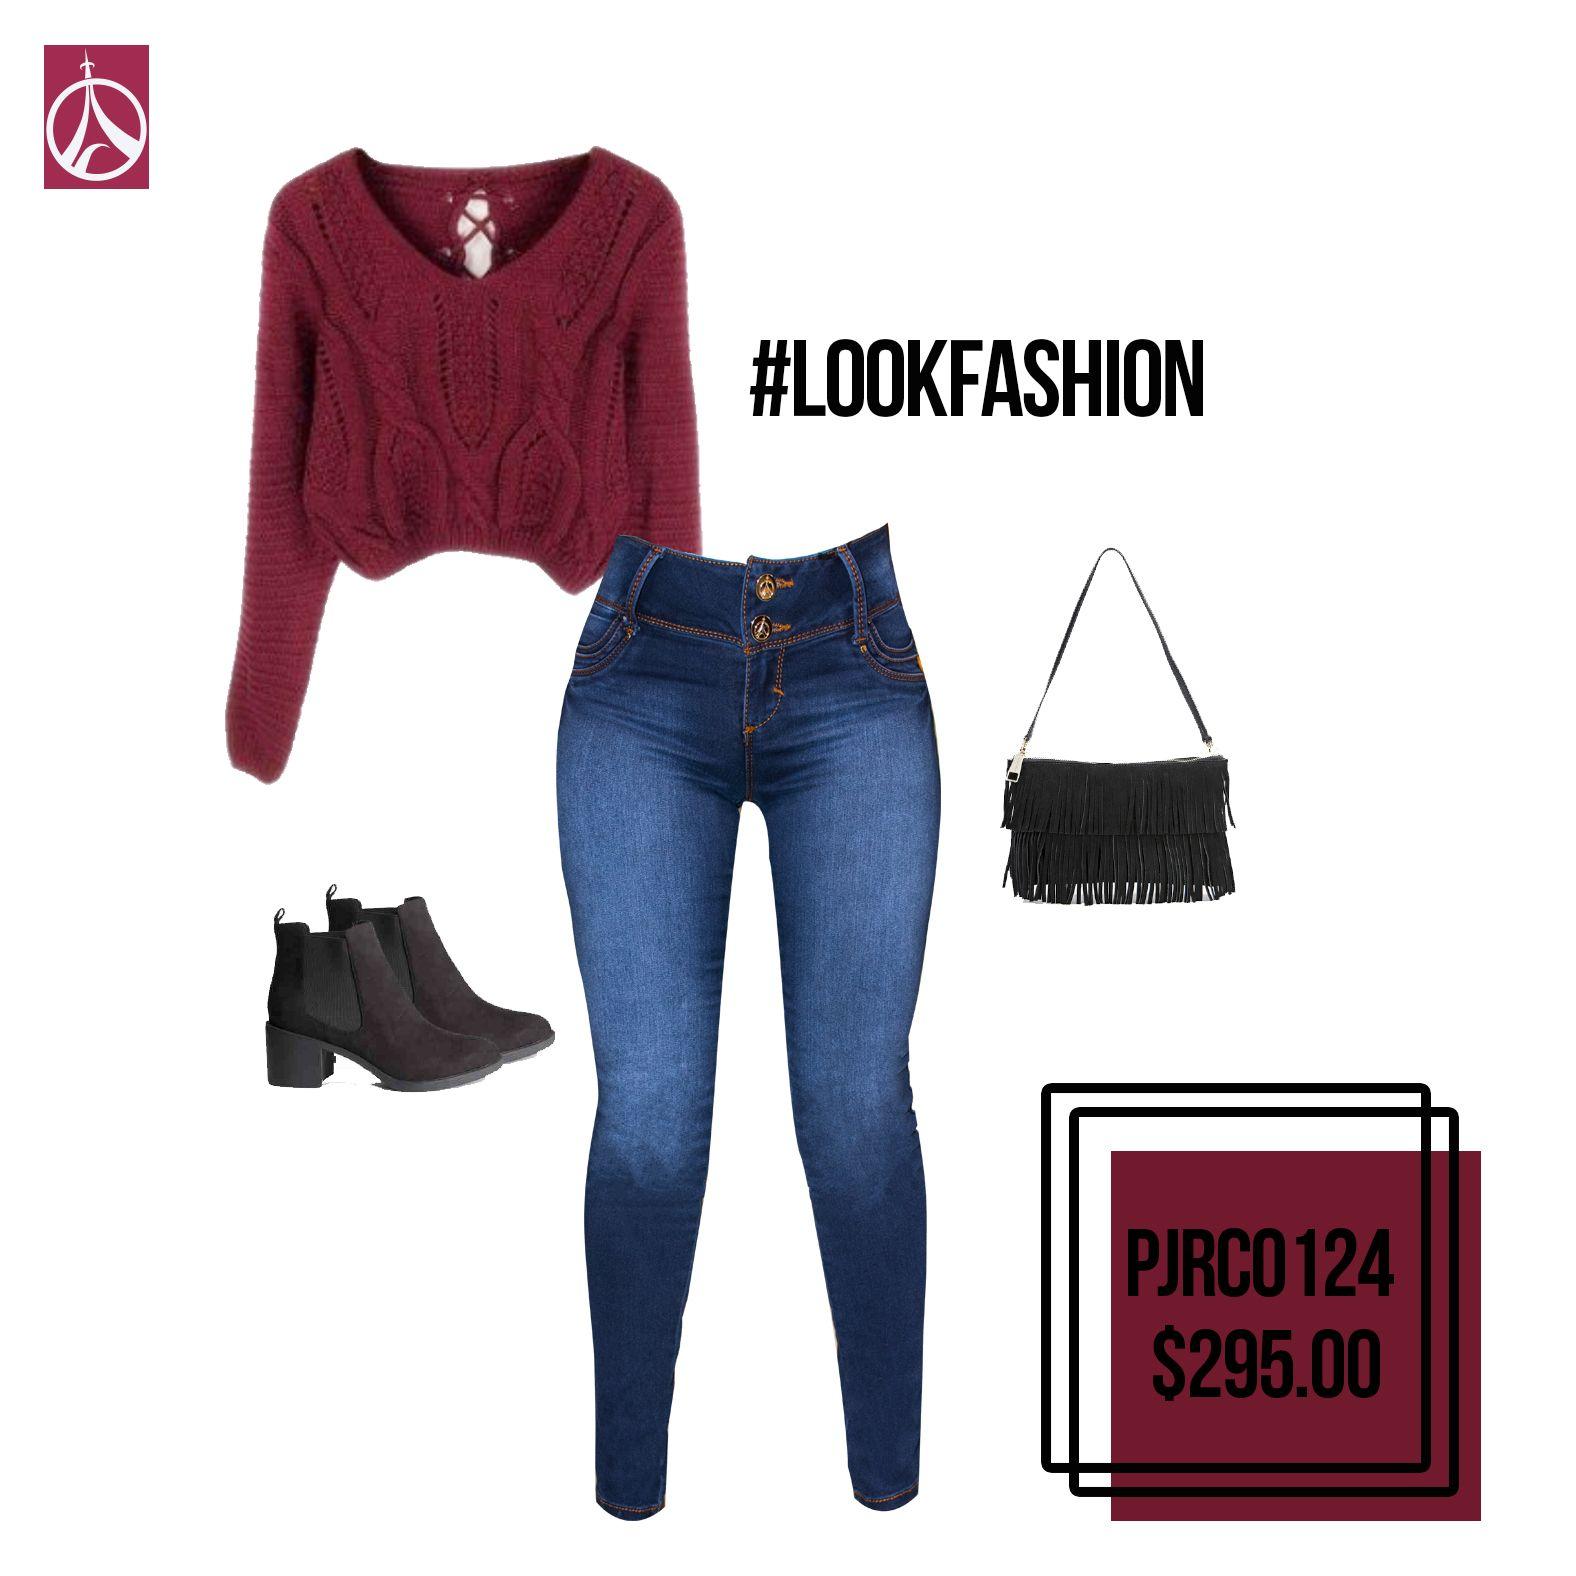 No pierdas el estilo por los días lluviosos, luce muy fashion con un outfit como este. #Moda #Outfit  #Mujer #Estilo www.paris-jeans.com